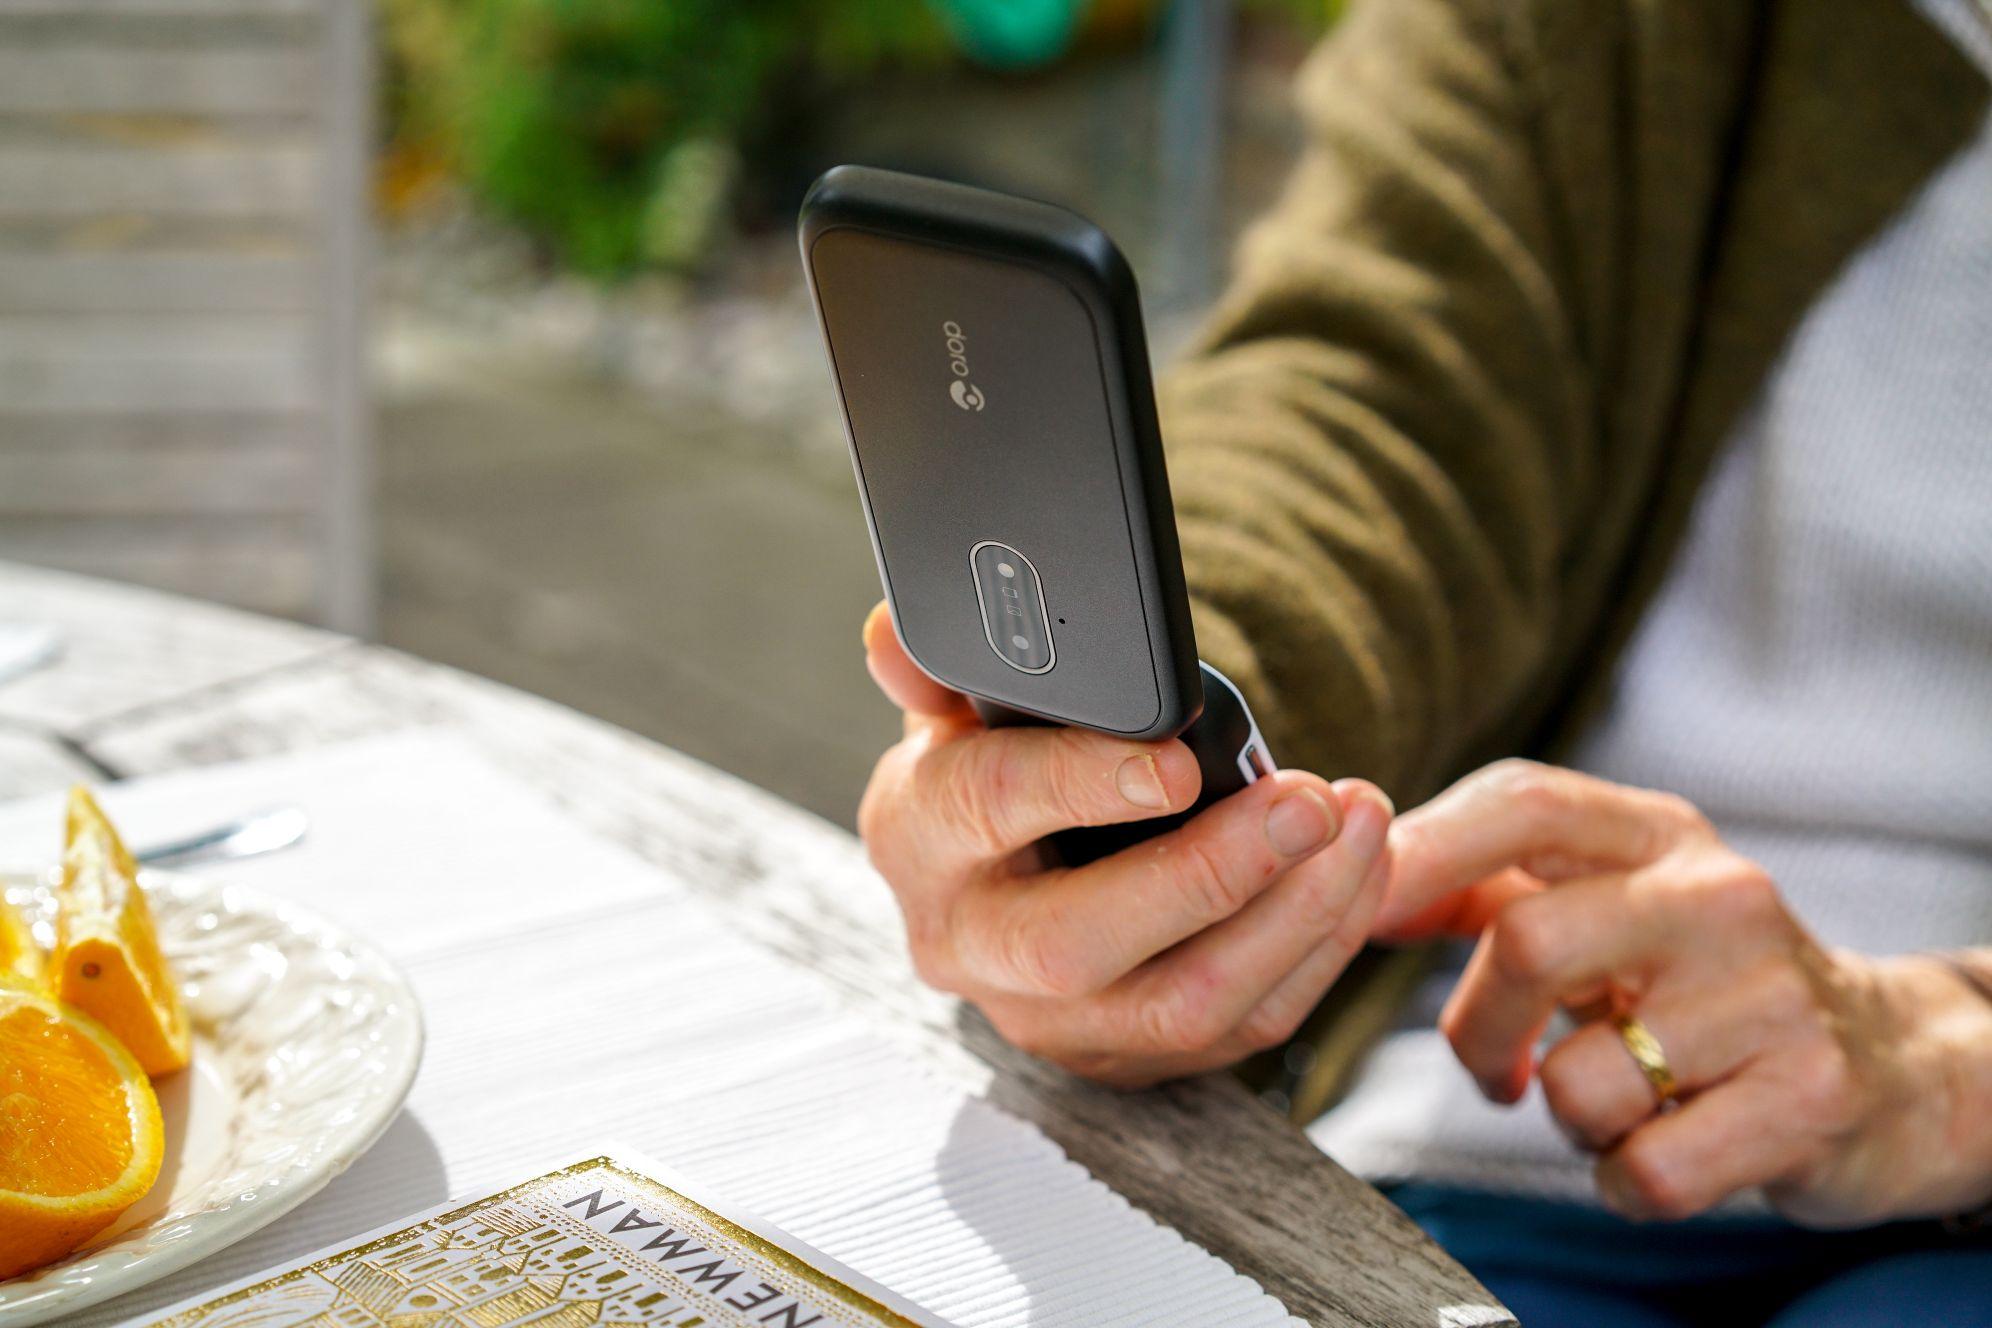 Doro esittelee IFA 2019 -sarjassa neljä toiminnallista puhelinta, jotka on suunniteltu parantamaan …